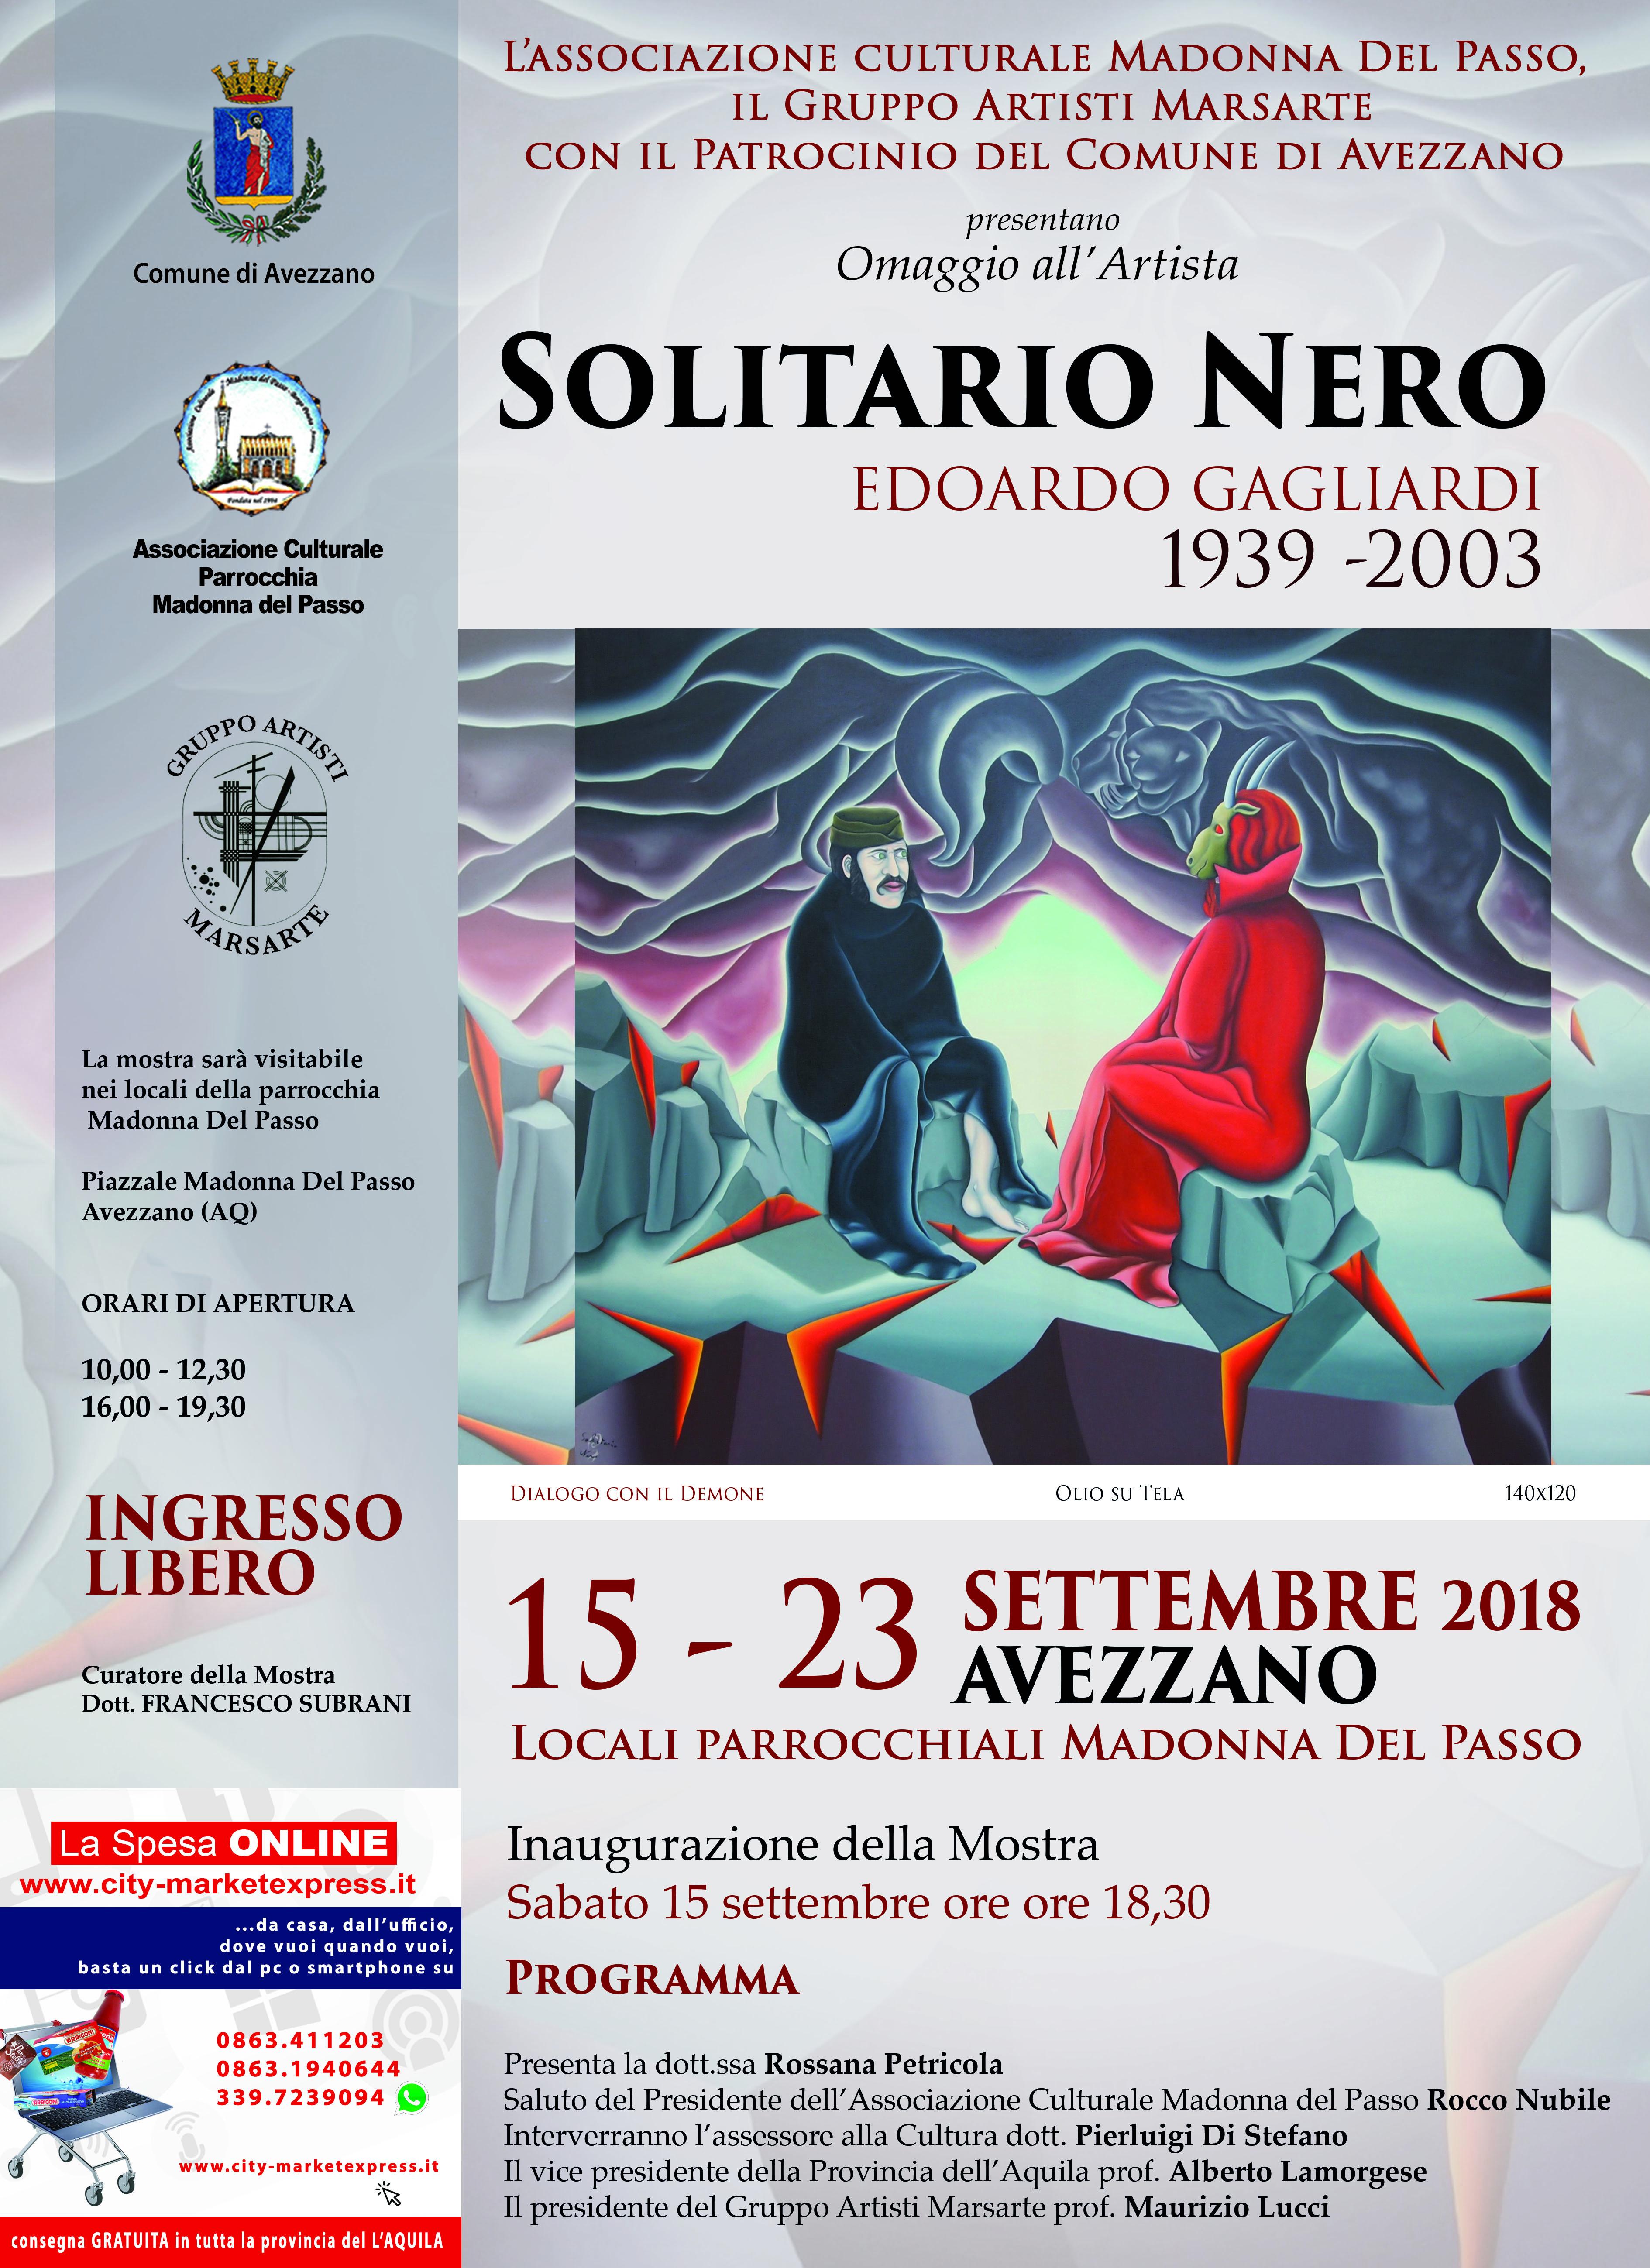 Il solitario nero, Mostra in omaggio all'artista Edoardo Gagliardi